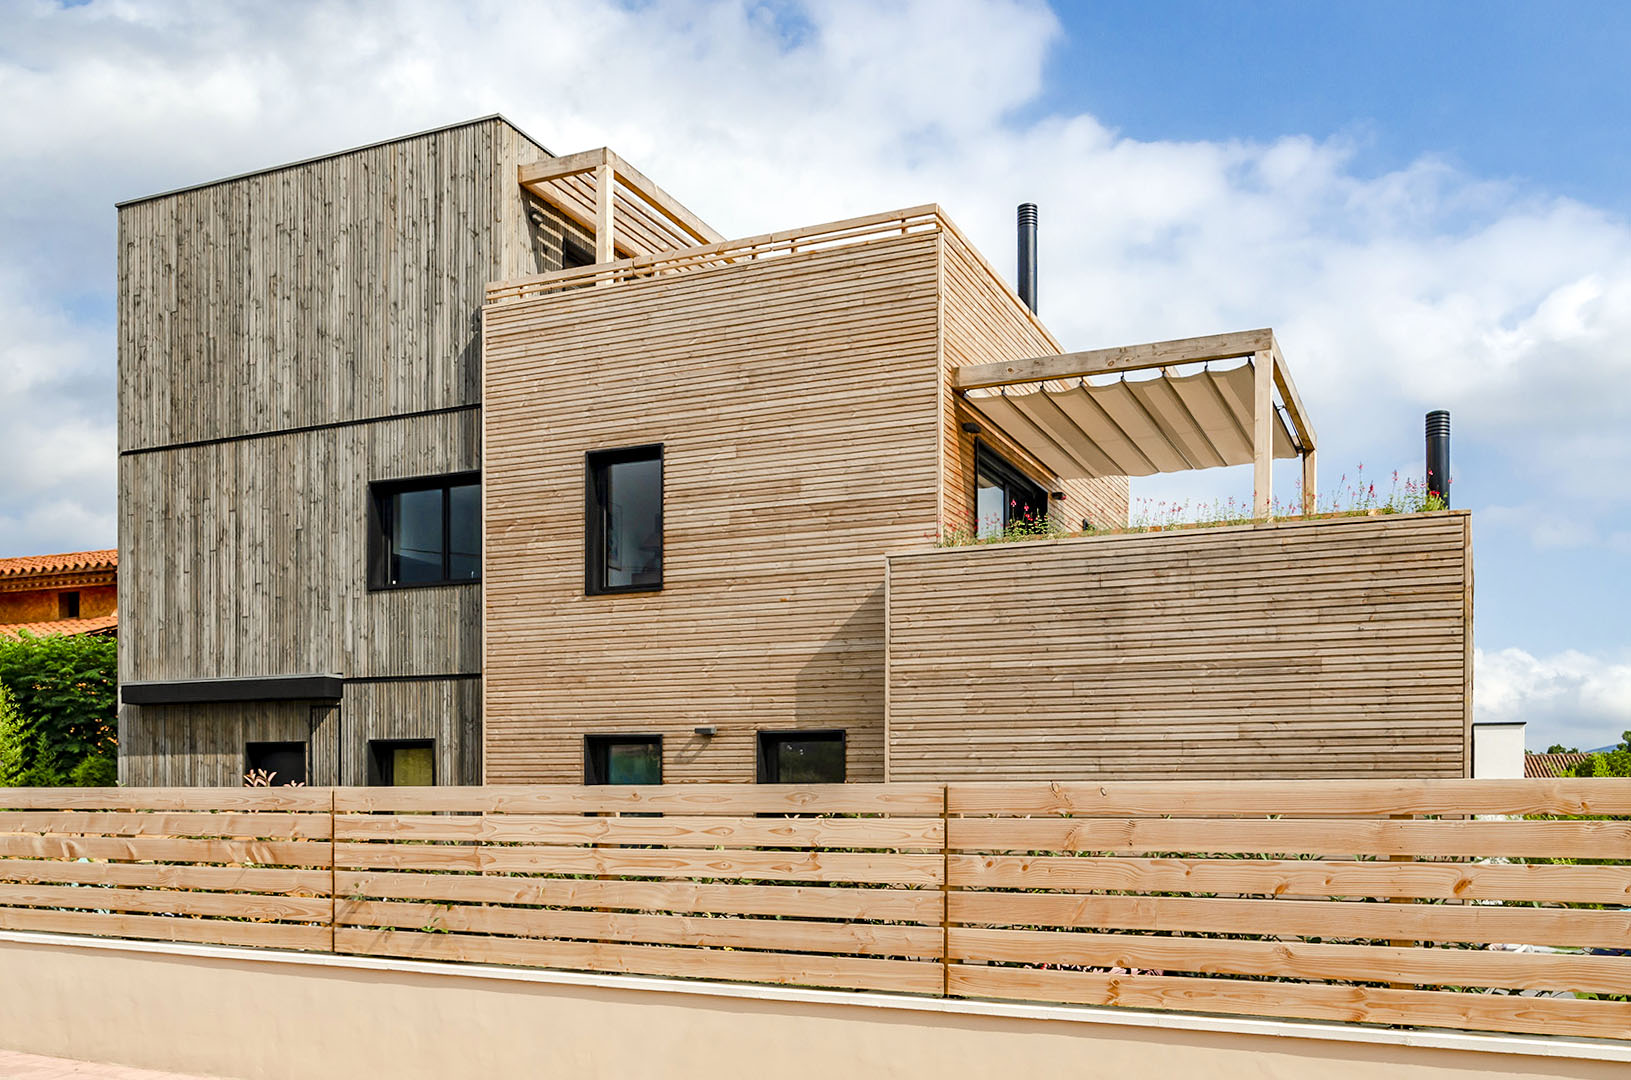 Proyectos Arquima - Casa Palautordera 2